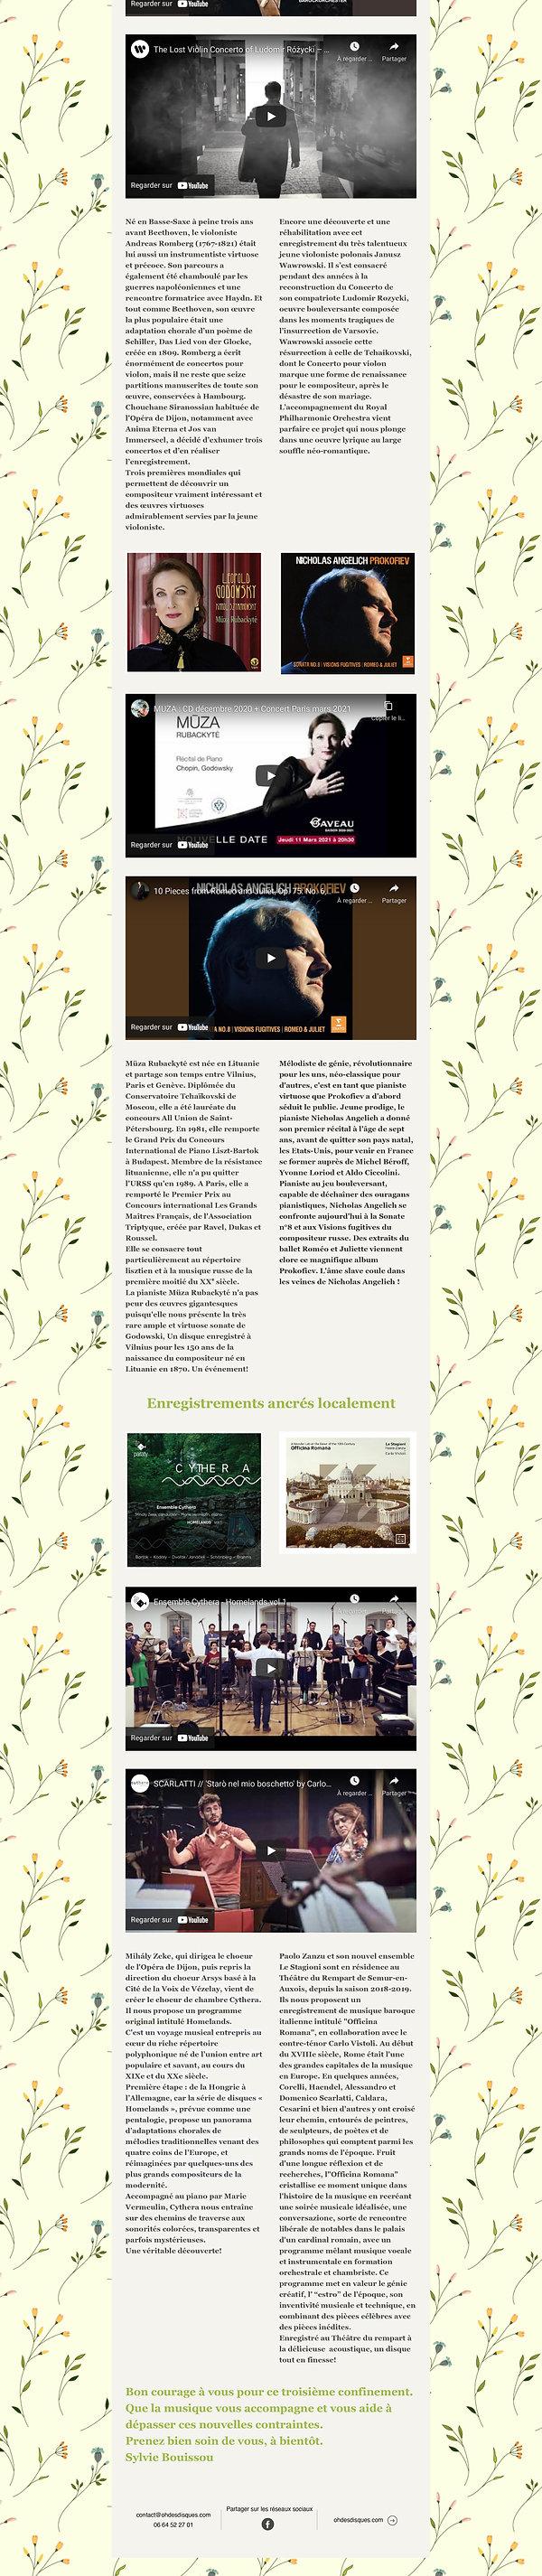 La lettre de Printemps_page-0002.jpg